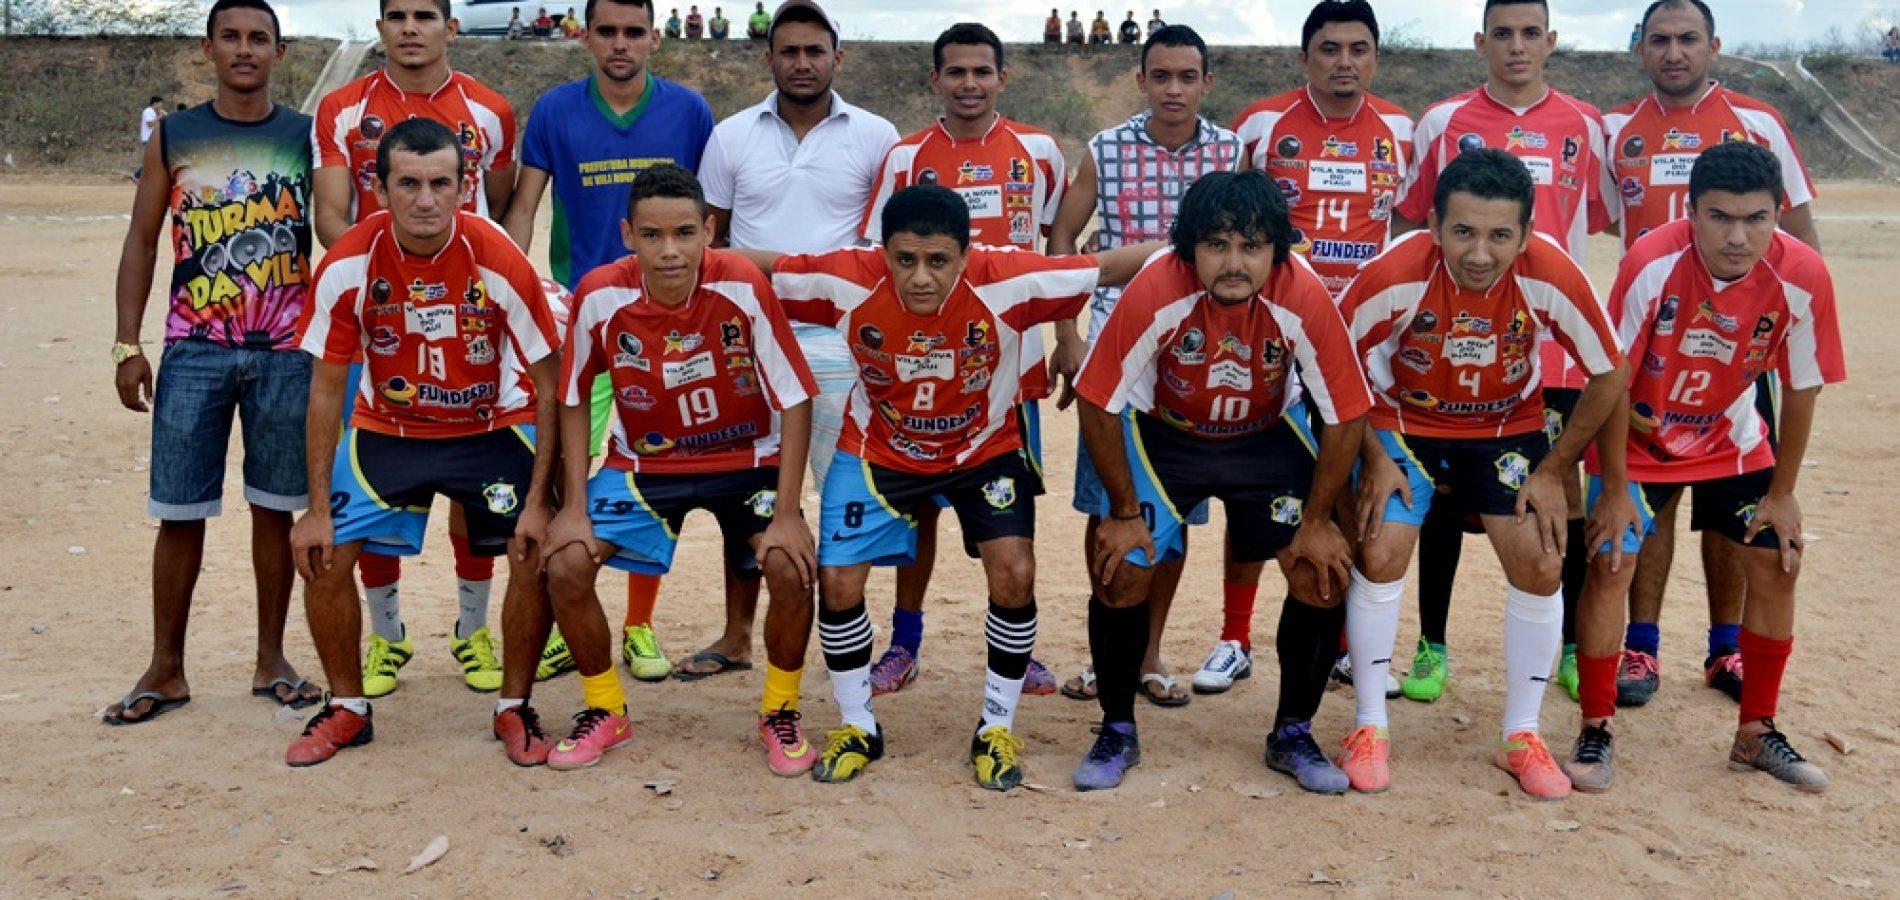 VILA NOVA | Wall Ferraz vence Abaixado na 2ª rodada do Campeonato de Futebol Amador; 3ª rodada inicia hoje (02/11)